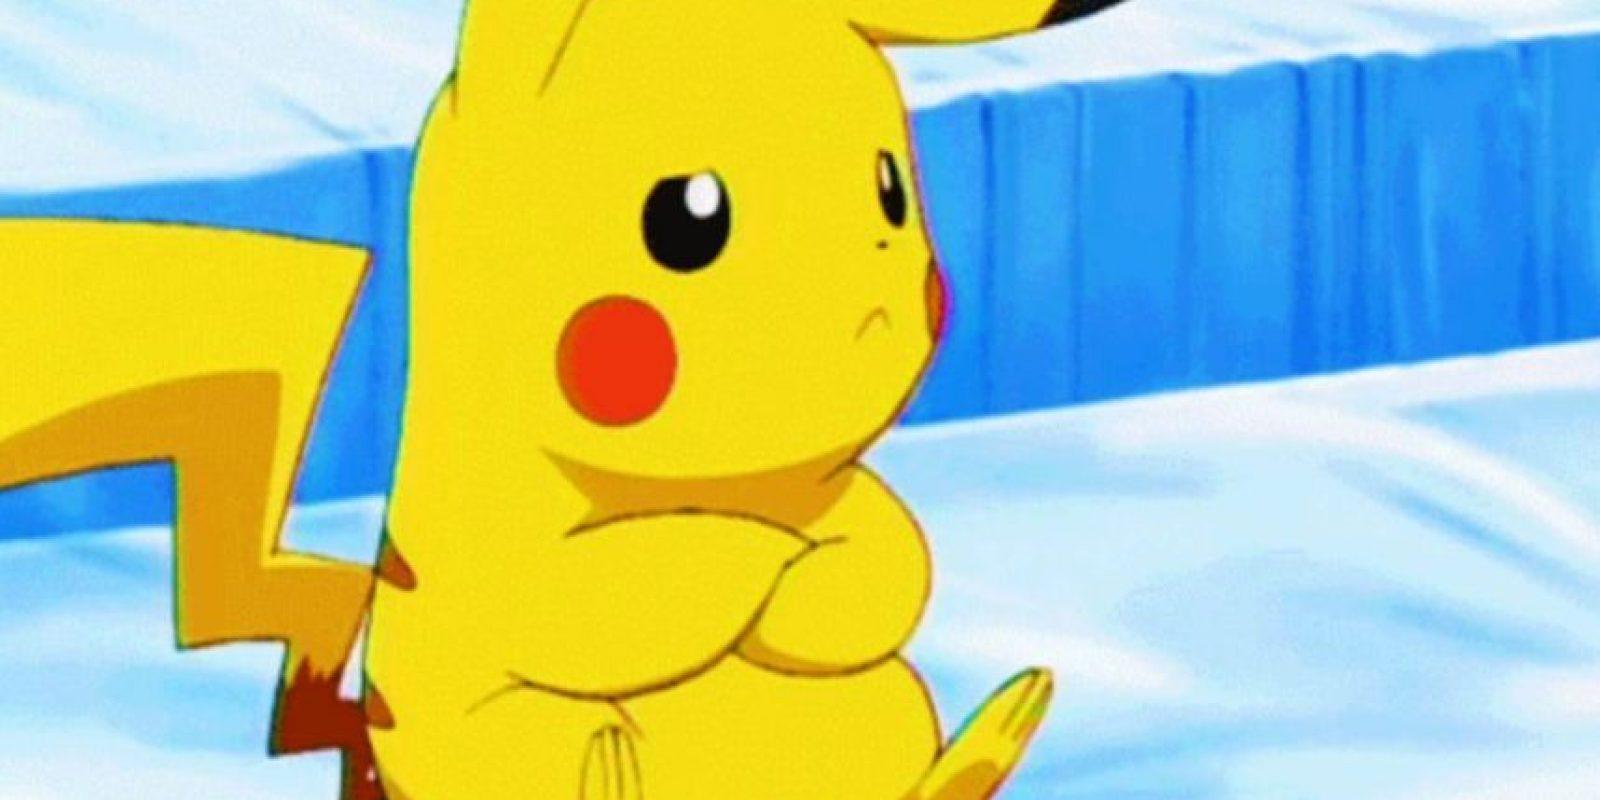 Una de ellas fue cerrar Pokevision, una de las apps más usadas. Foto:Pokémon